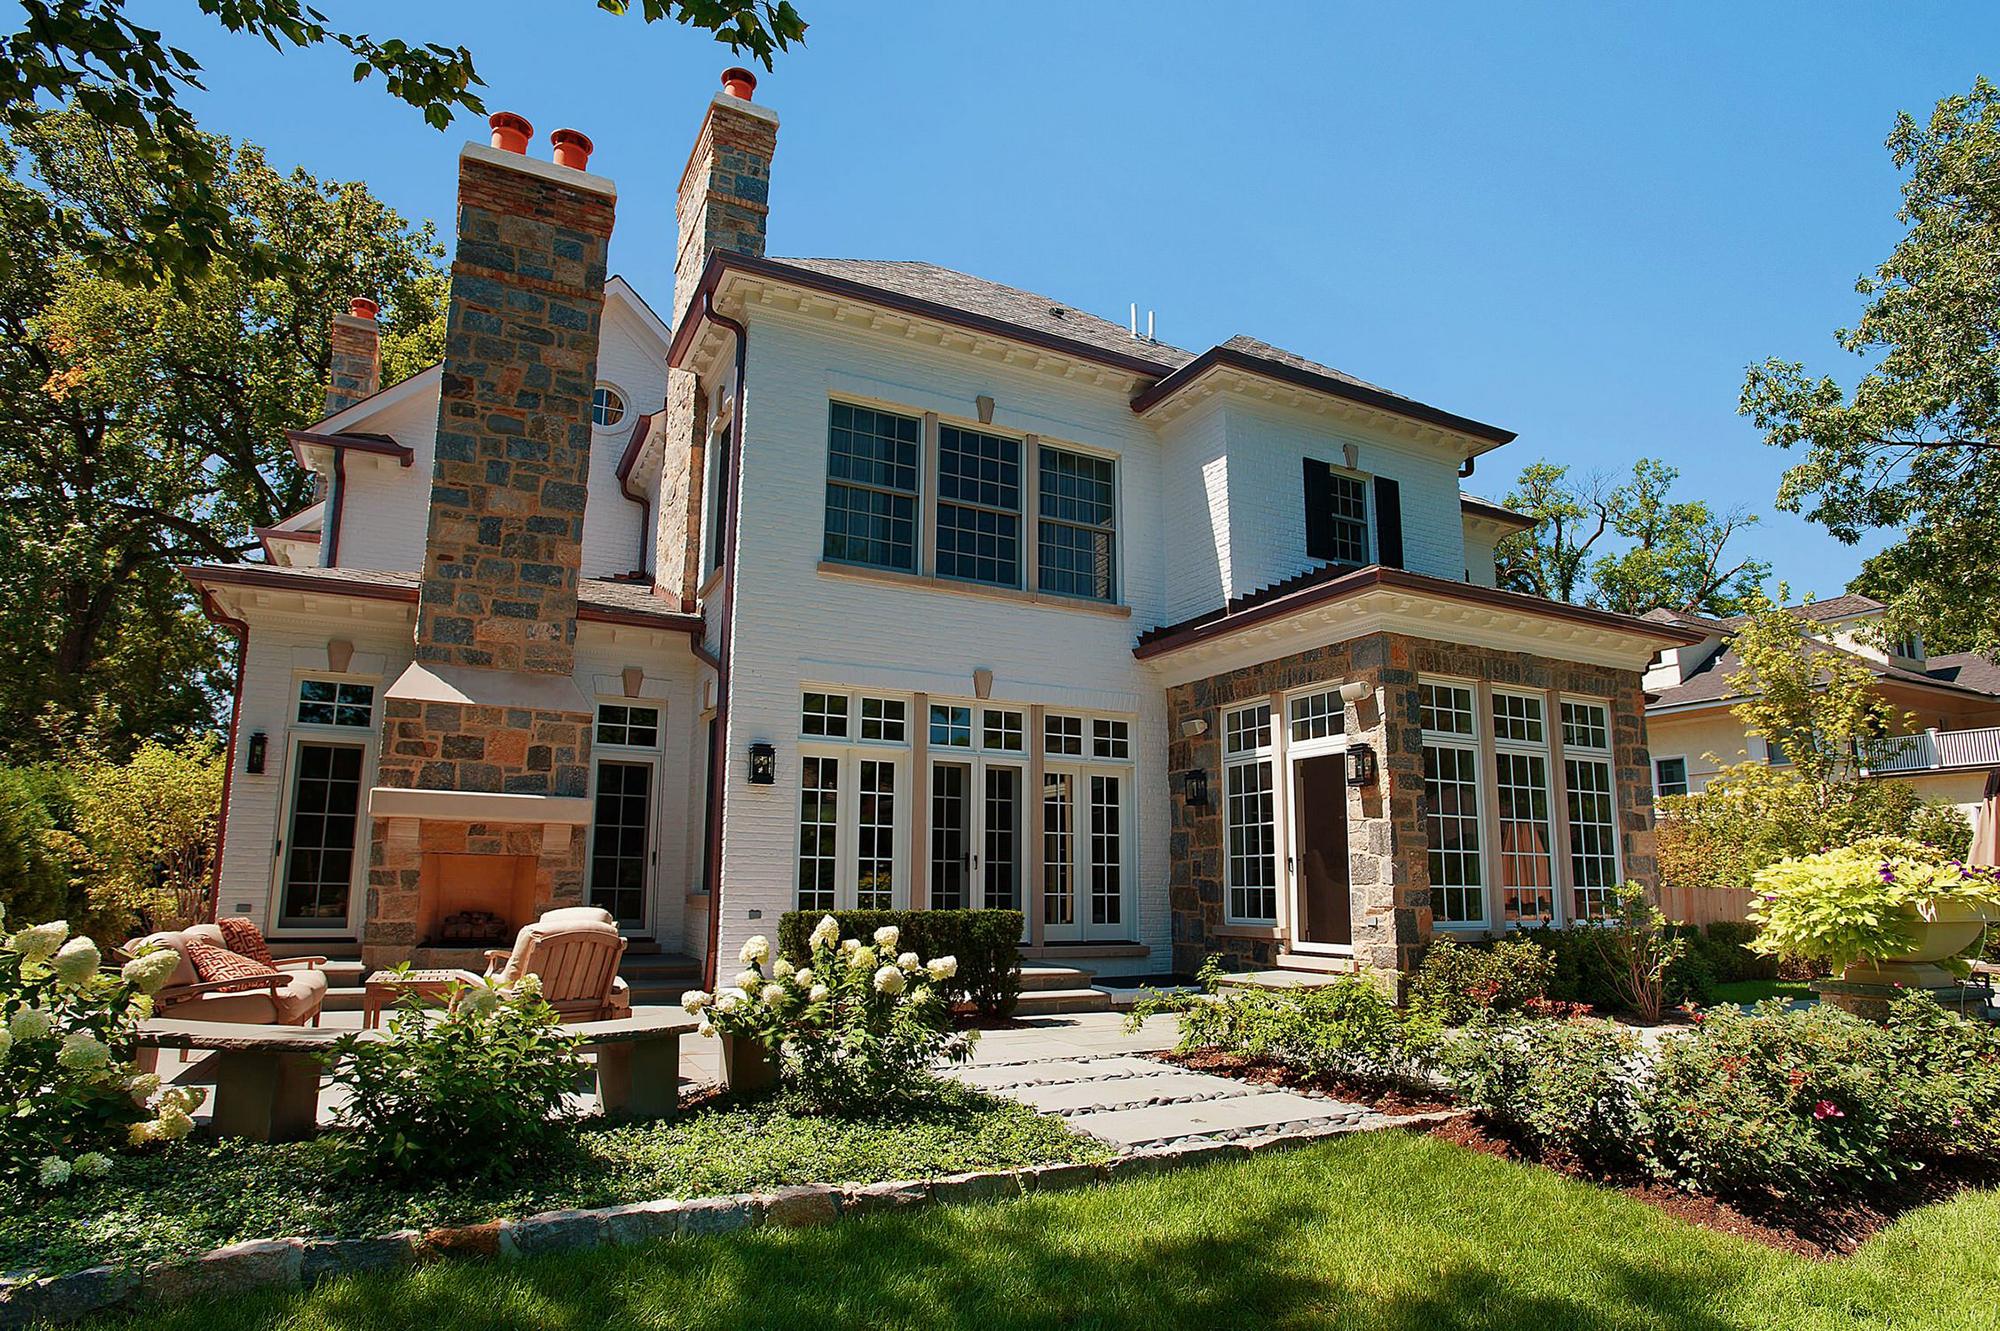 Двухэтажный дом с террасой в классическом стиле